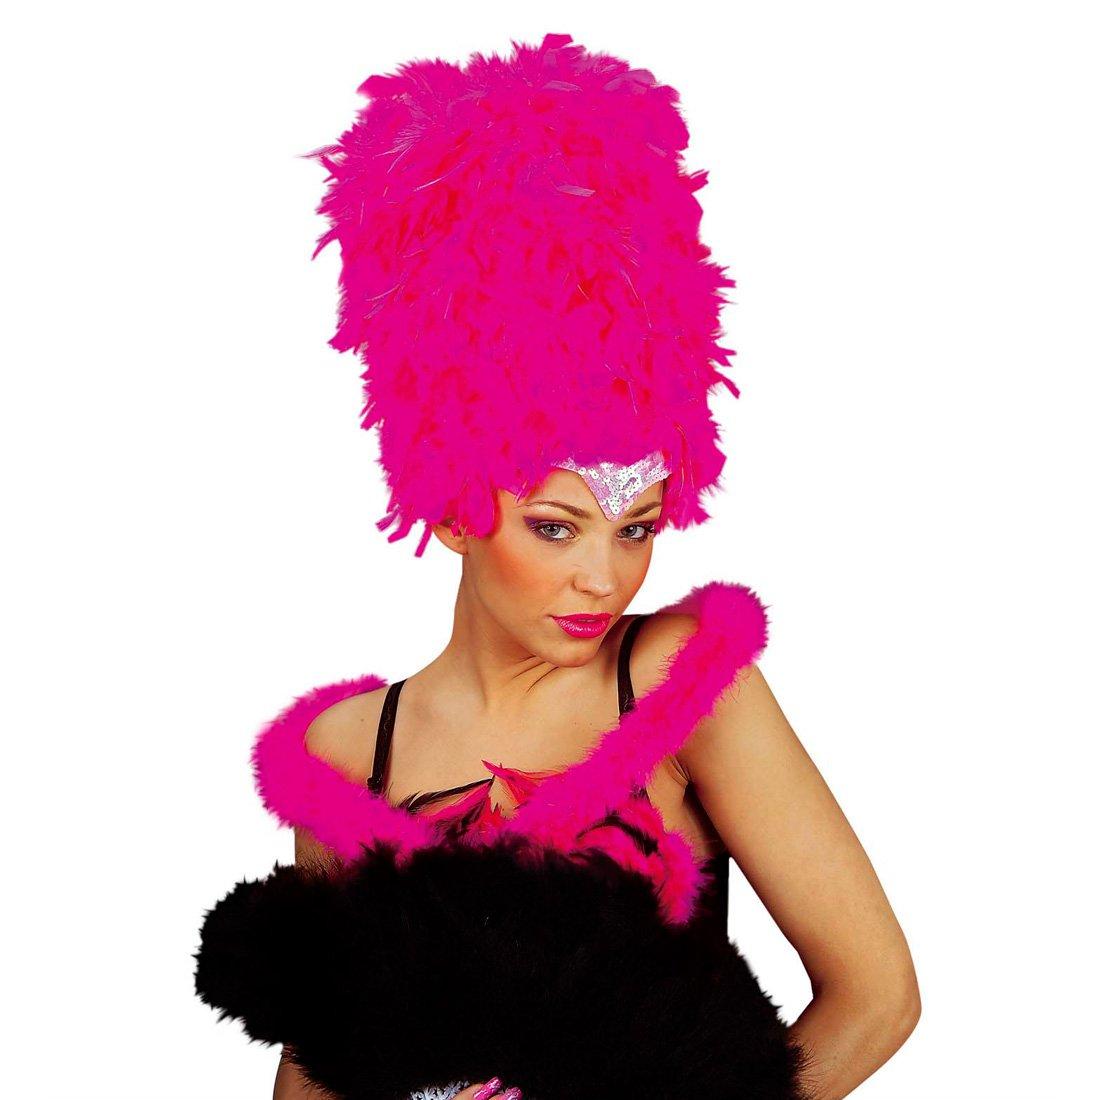 Kleidung & Accessoires Mafia Federboa Marabu Federschal schwarz 2 m Marabou Federstola Burlesque Boa